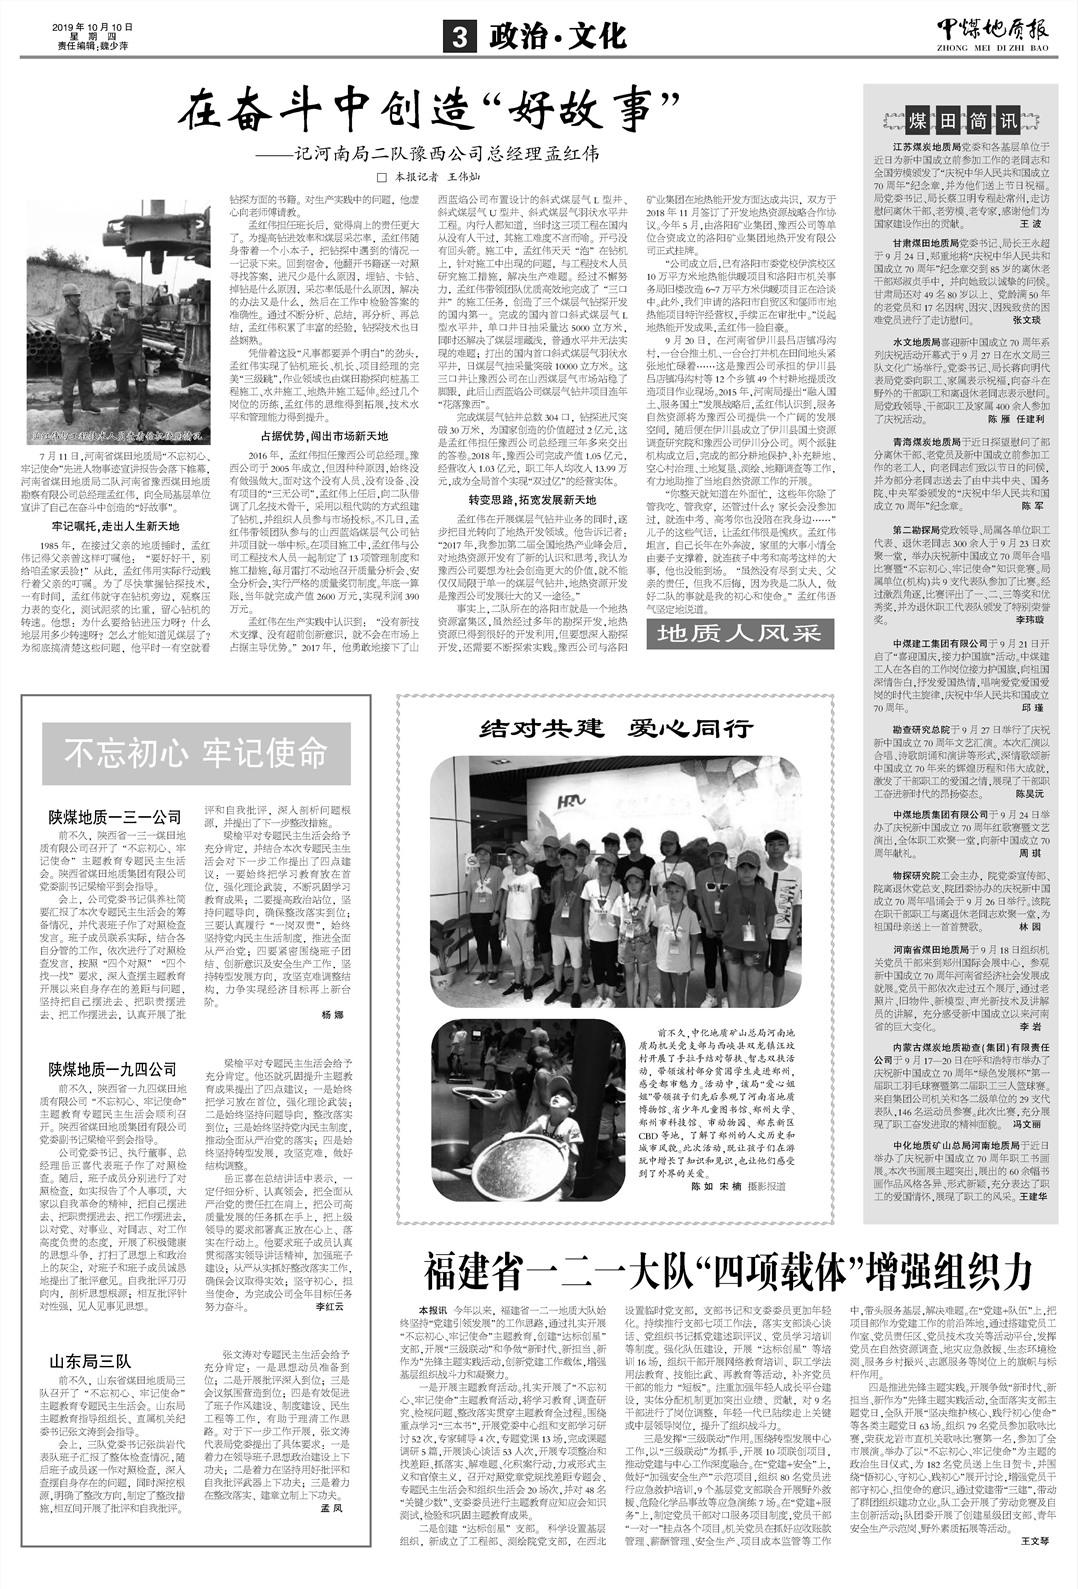 中煤地质报政治 · 文化